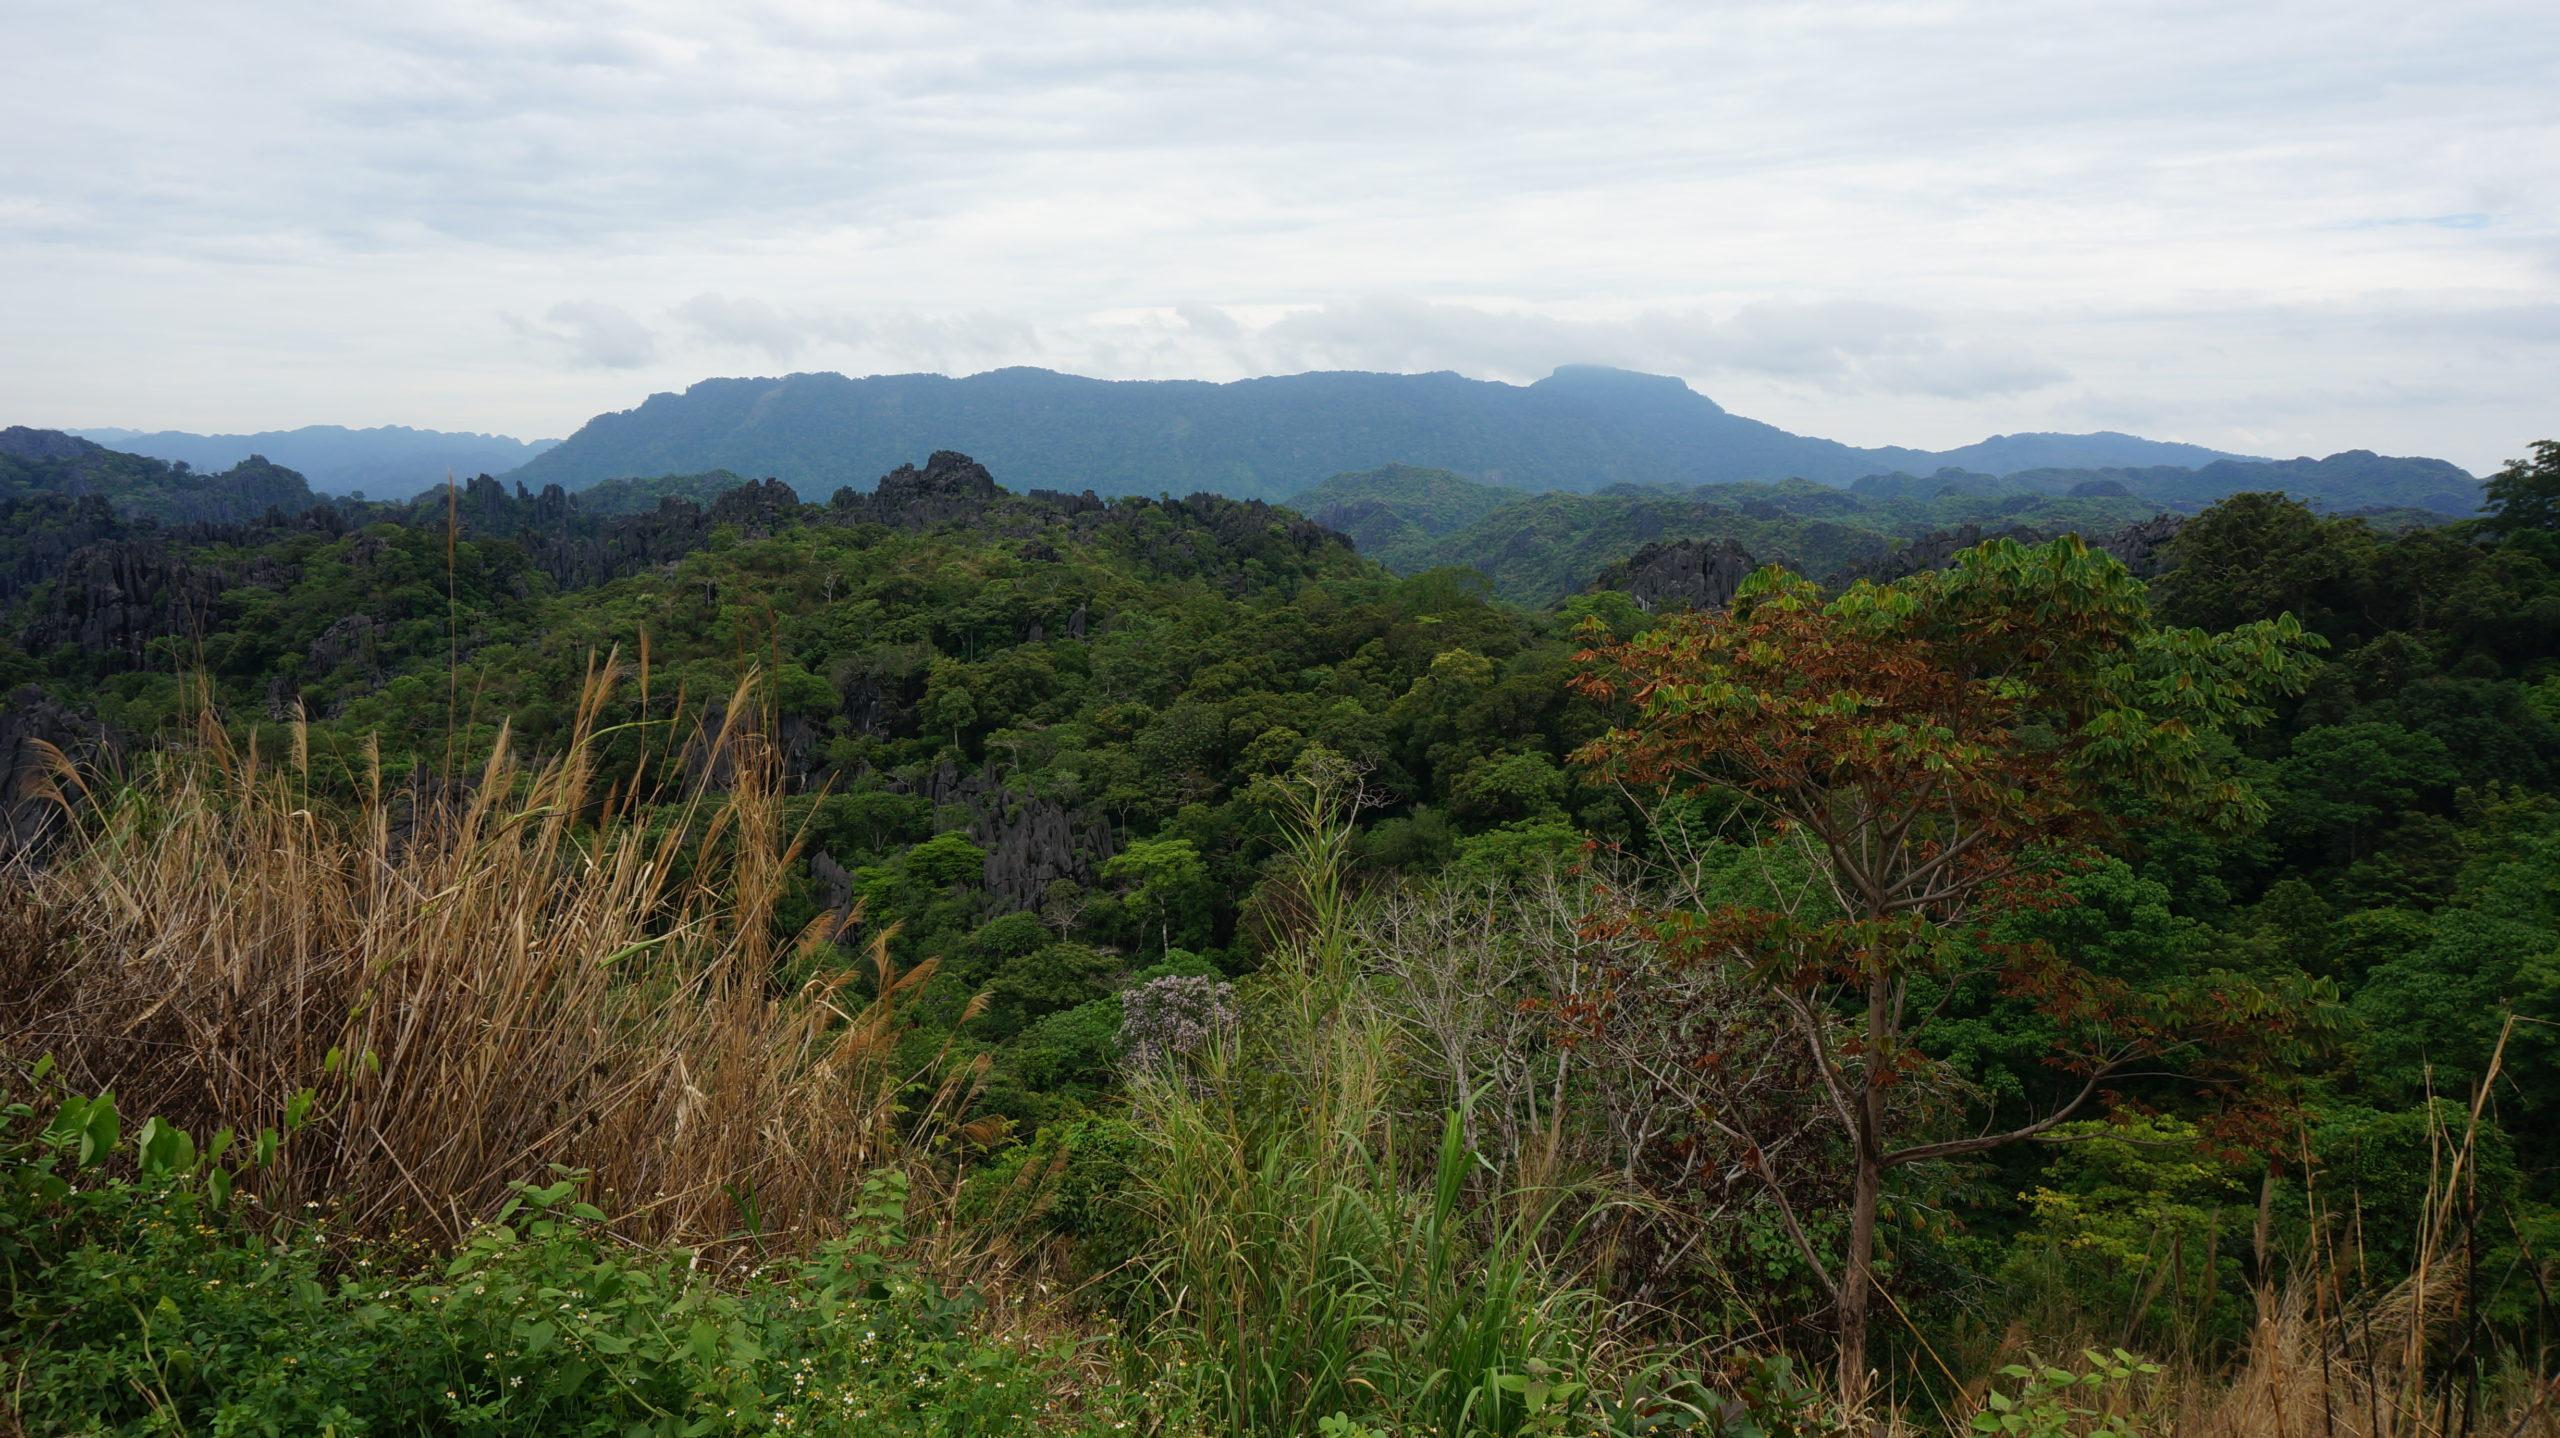 Vue sur les monts karstiques et les forêts dans la boucle de Thakhek